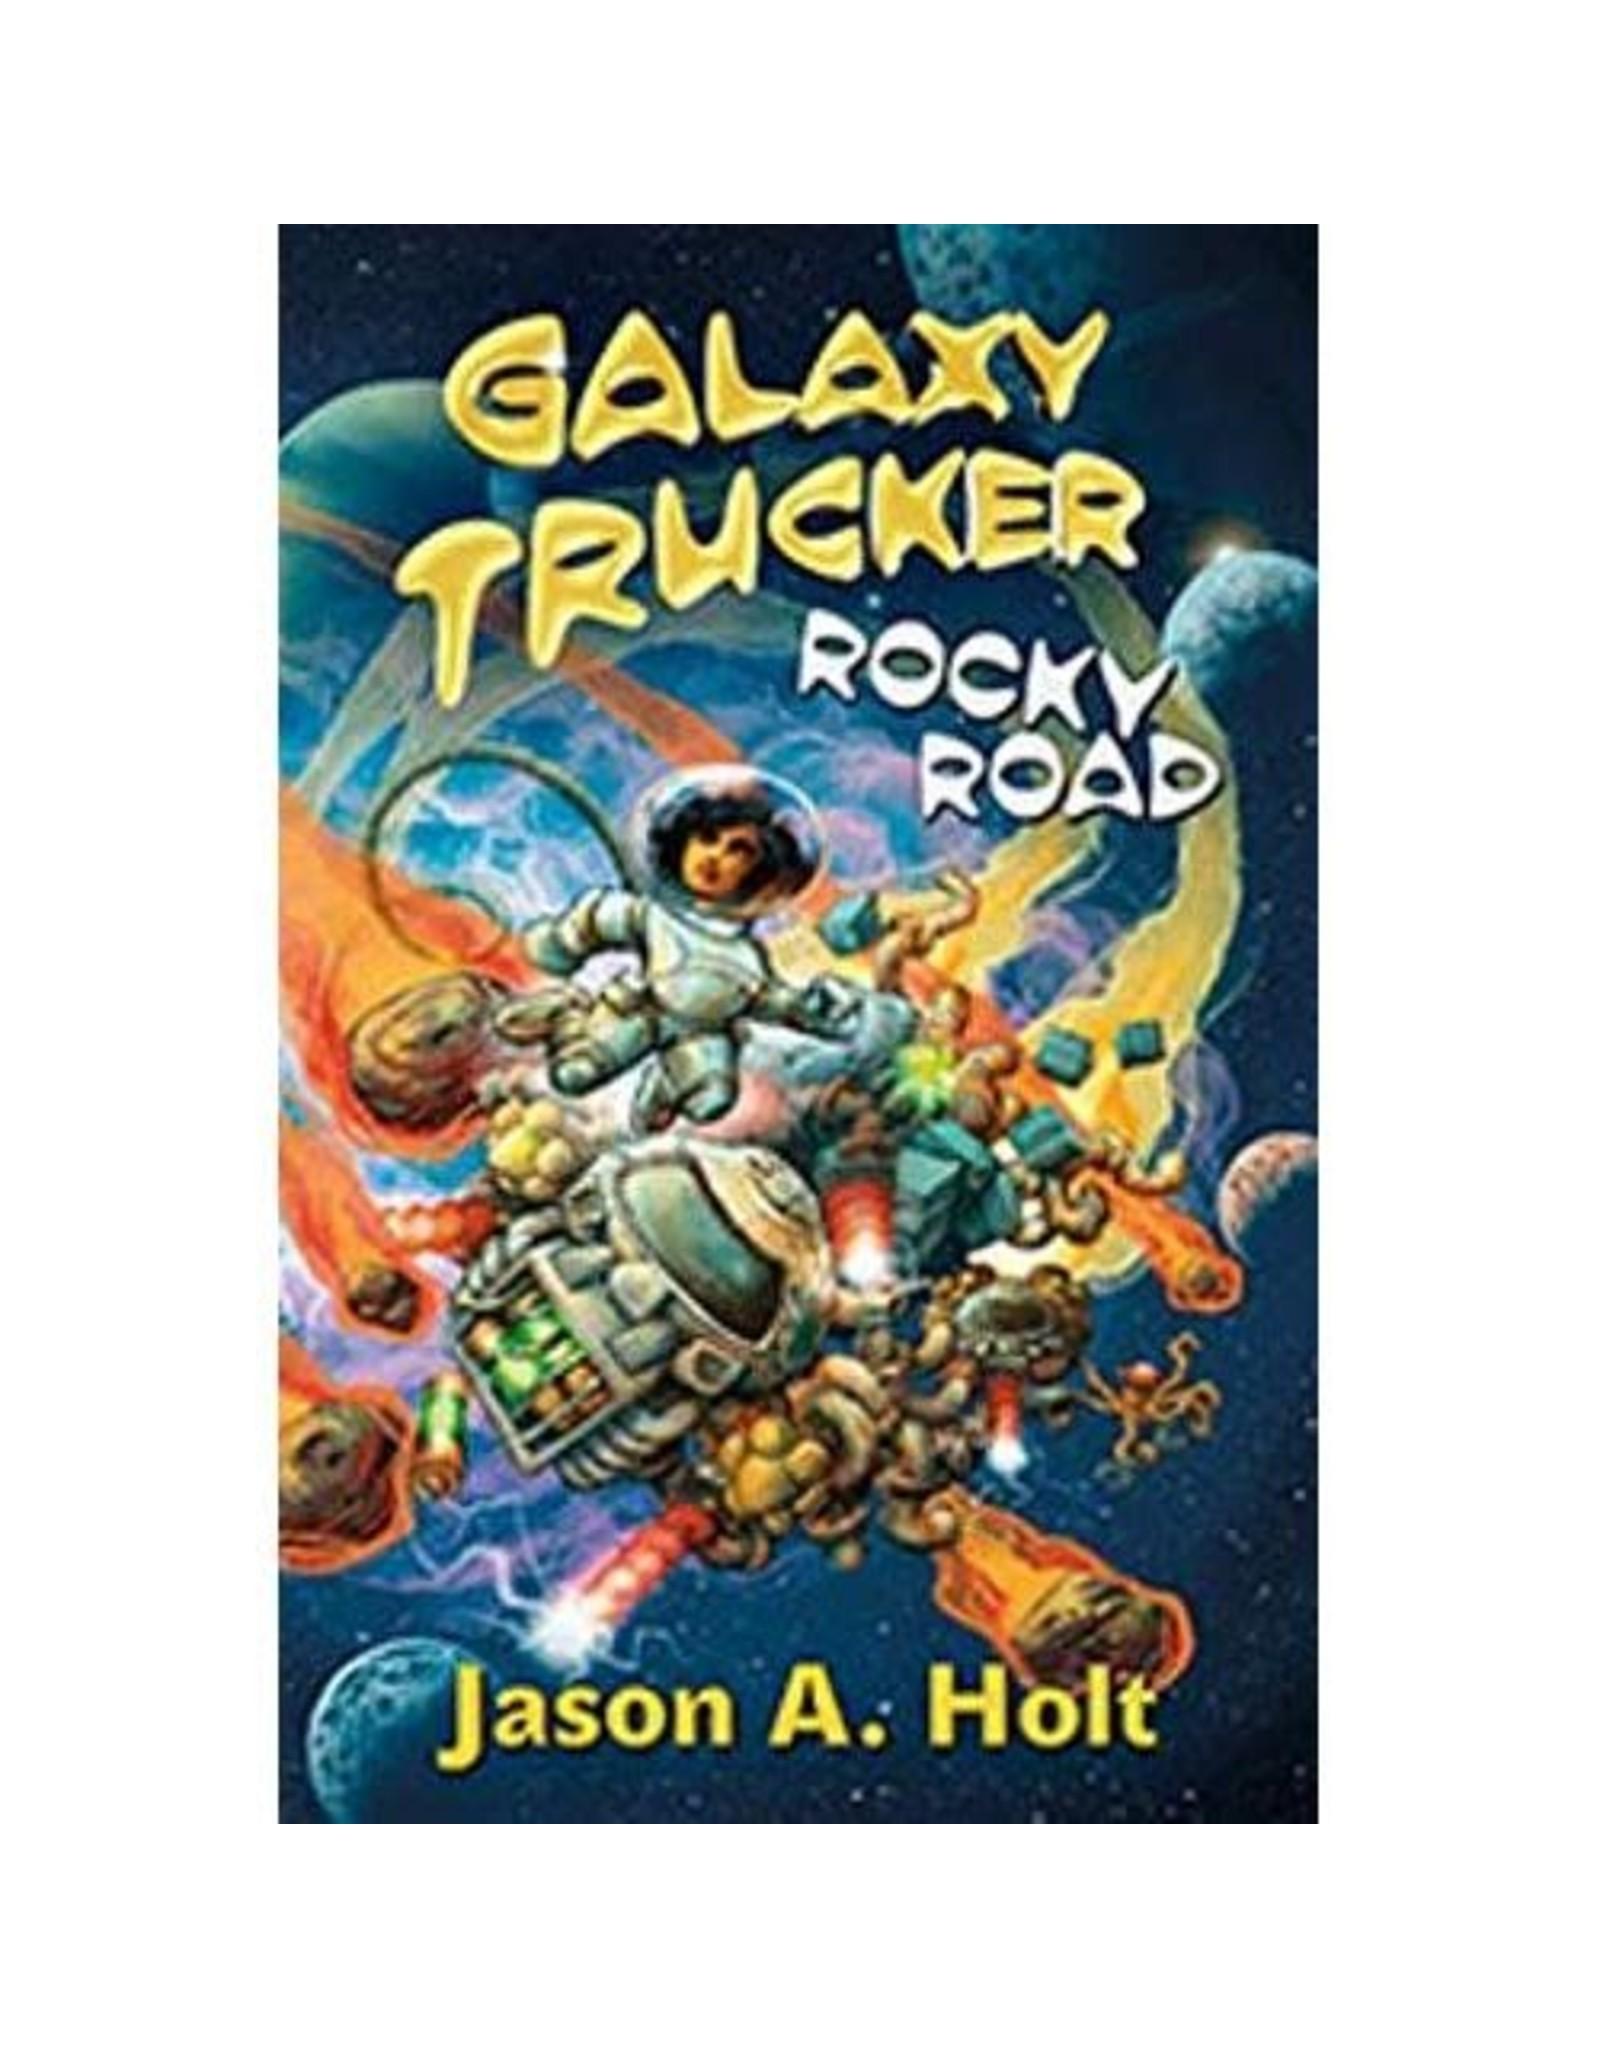 ITTD: Galaxy Trucker: Rocky Road (Novel)